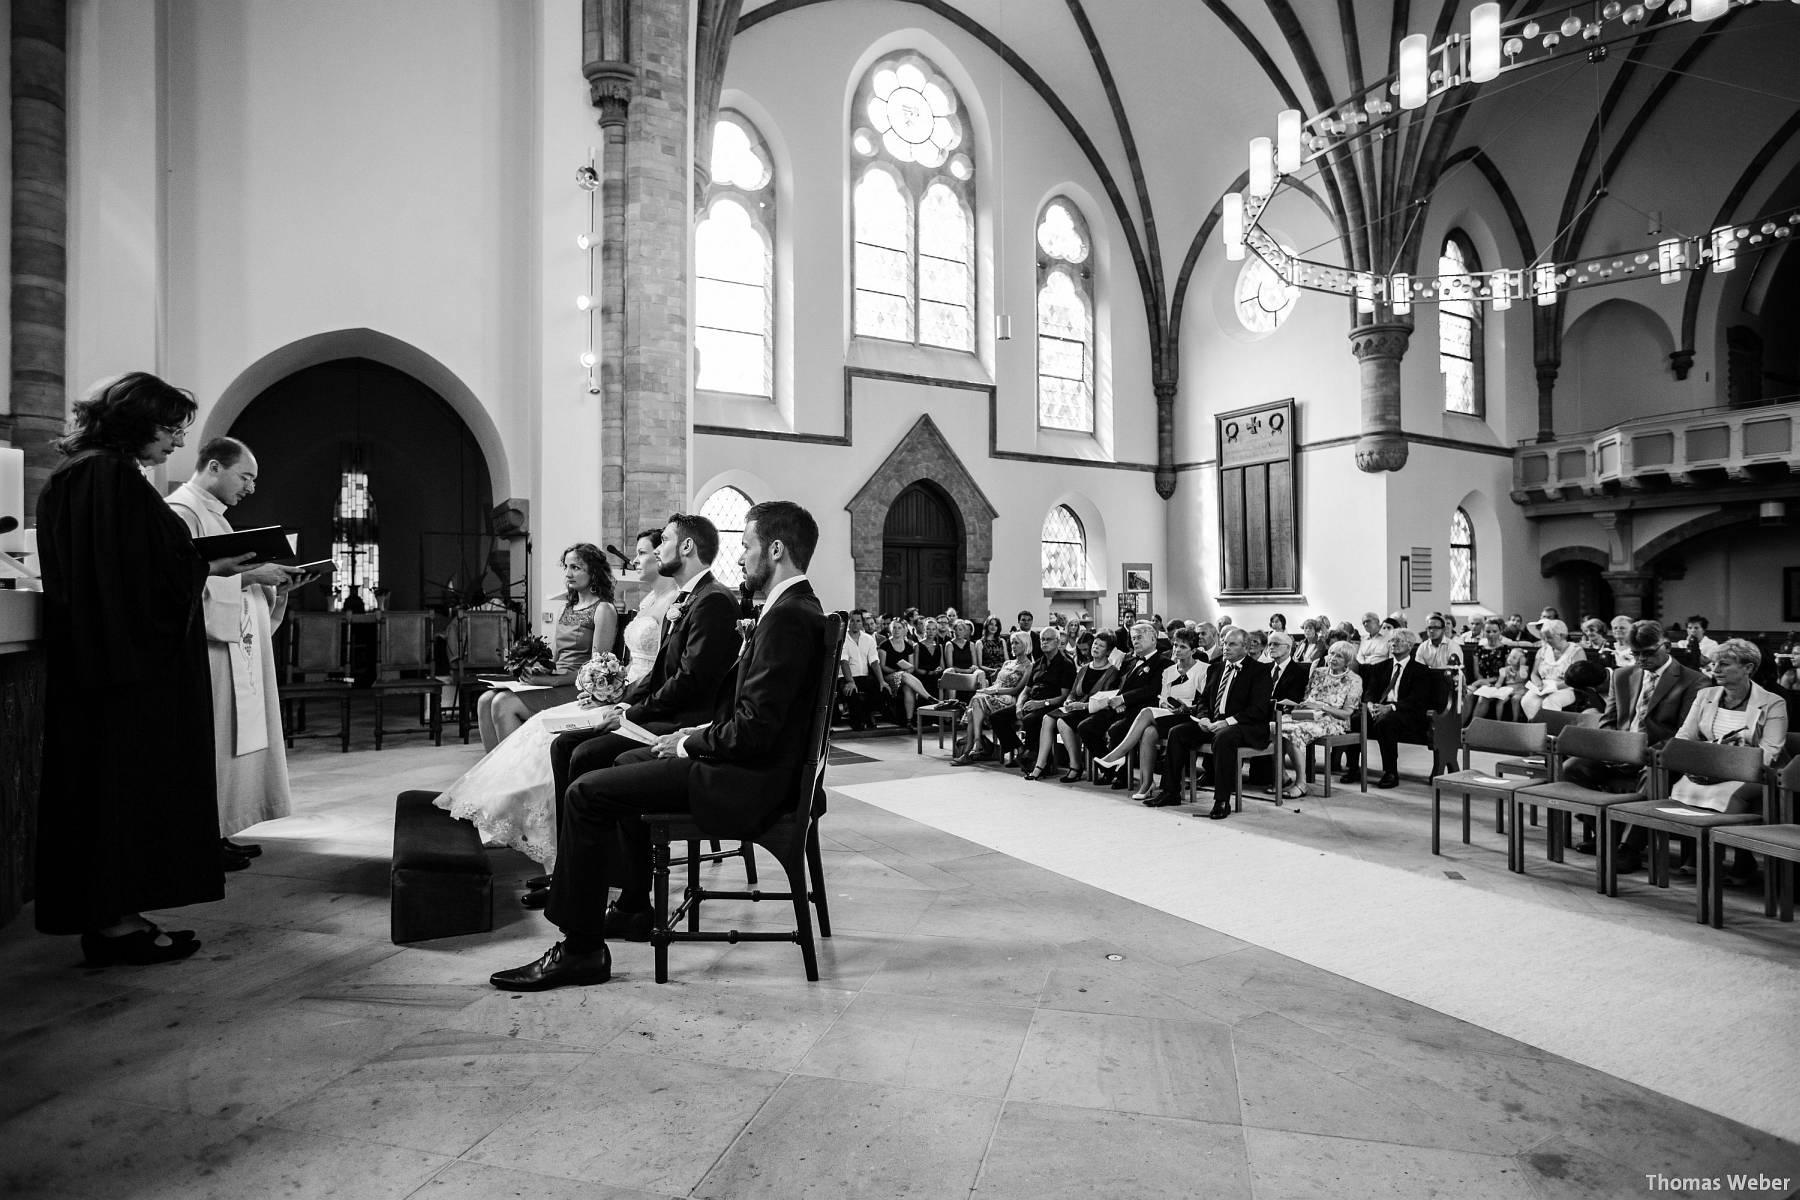 Hochzeitsfotograf Oldenburg: Kirchliche Trauung in der Garnisonkirche Oldenburg und Feier im Landhaus Etzhorn Oldenburg (27)